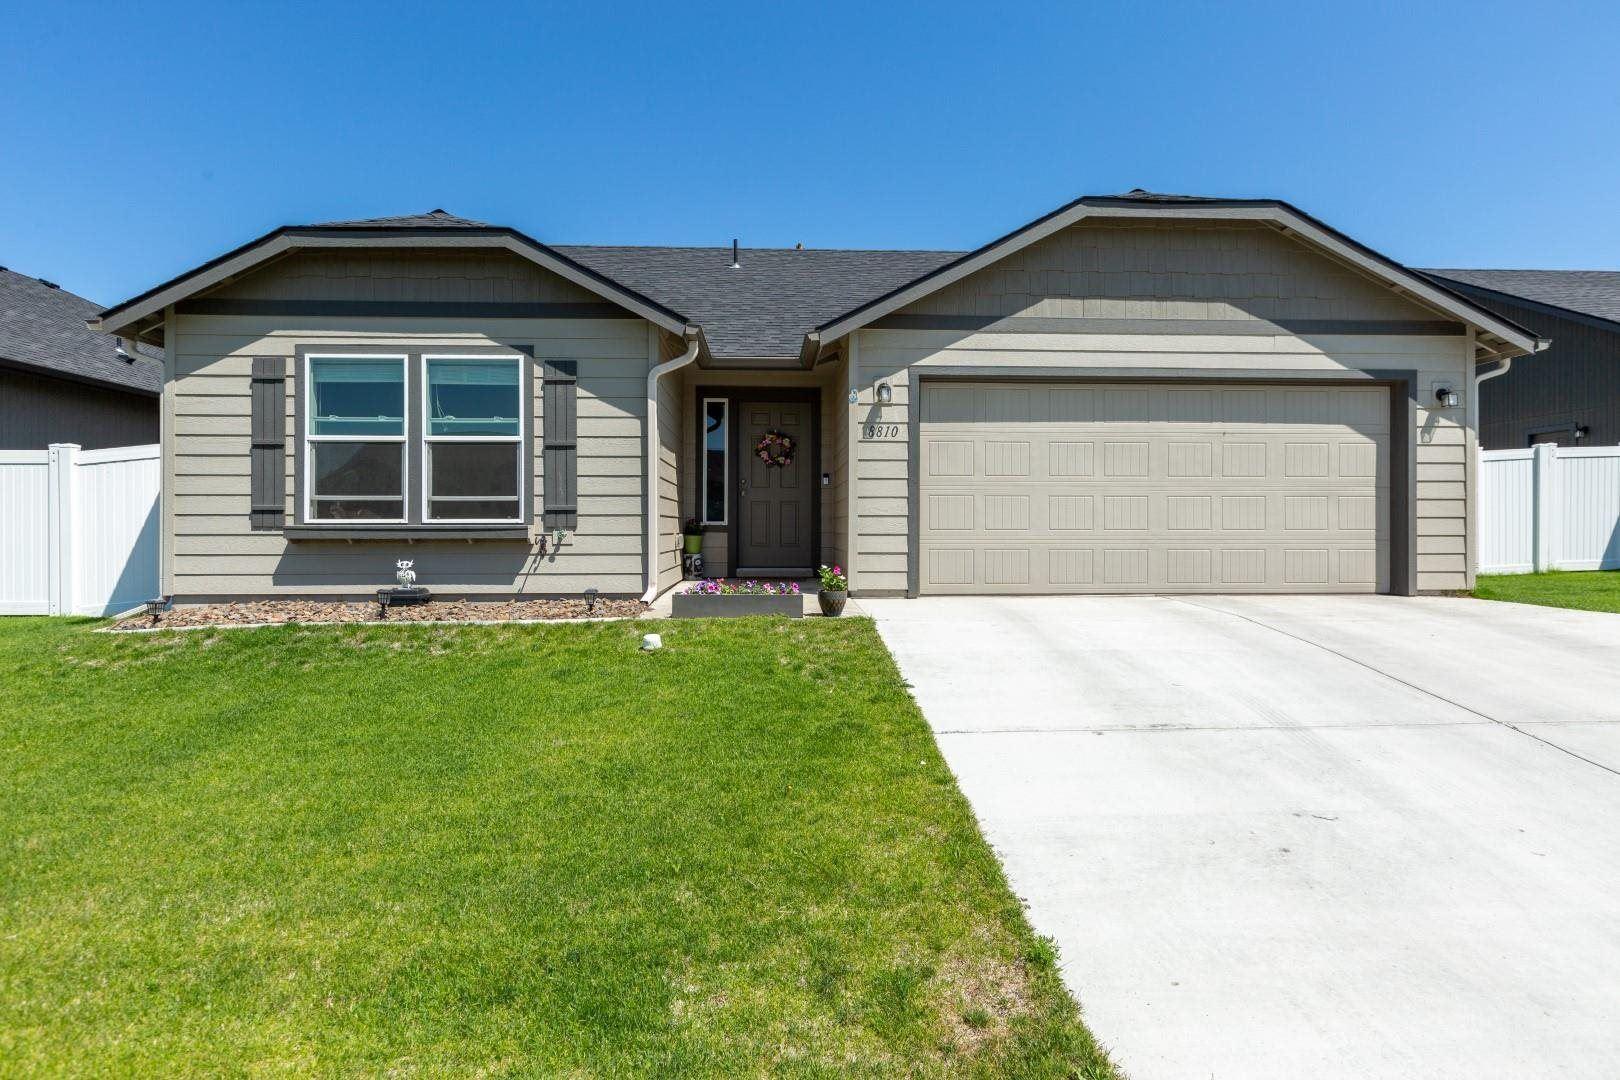 8810 W 8th Ave, Spokane, WA 99224 - #: 202118676